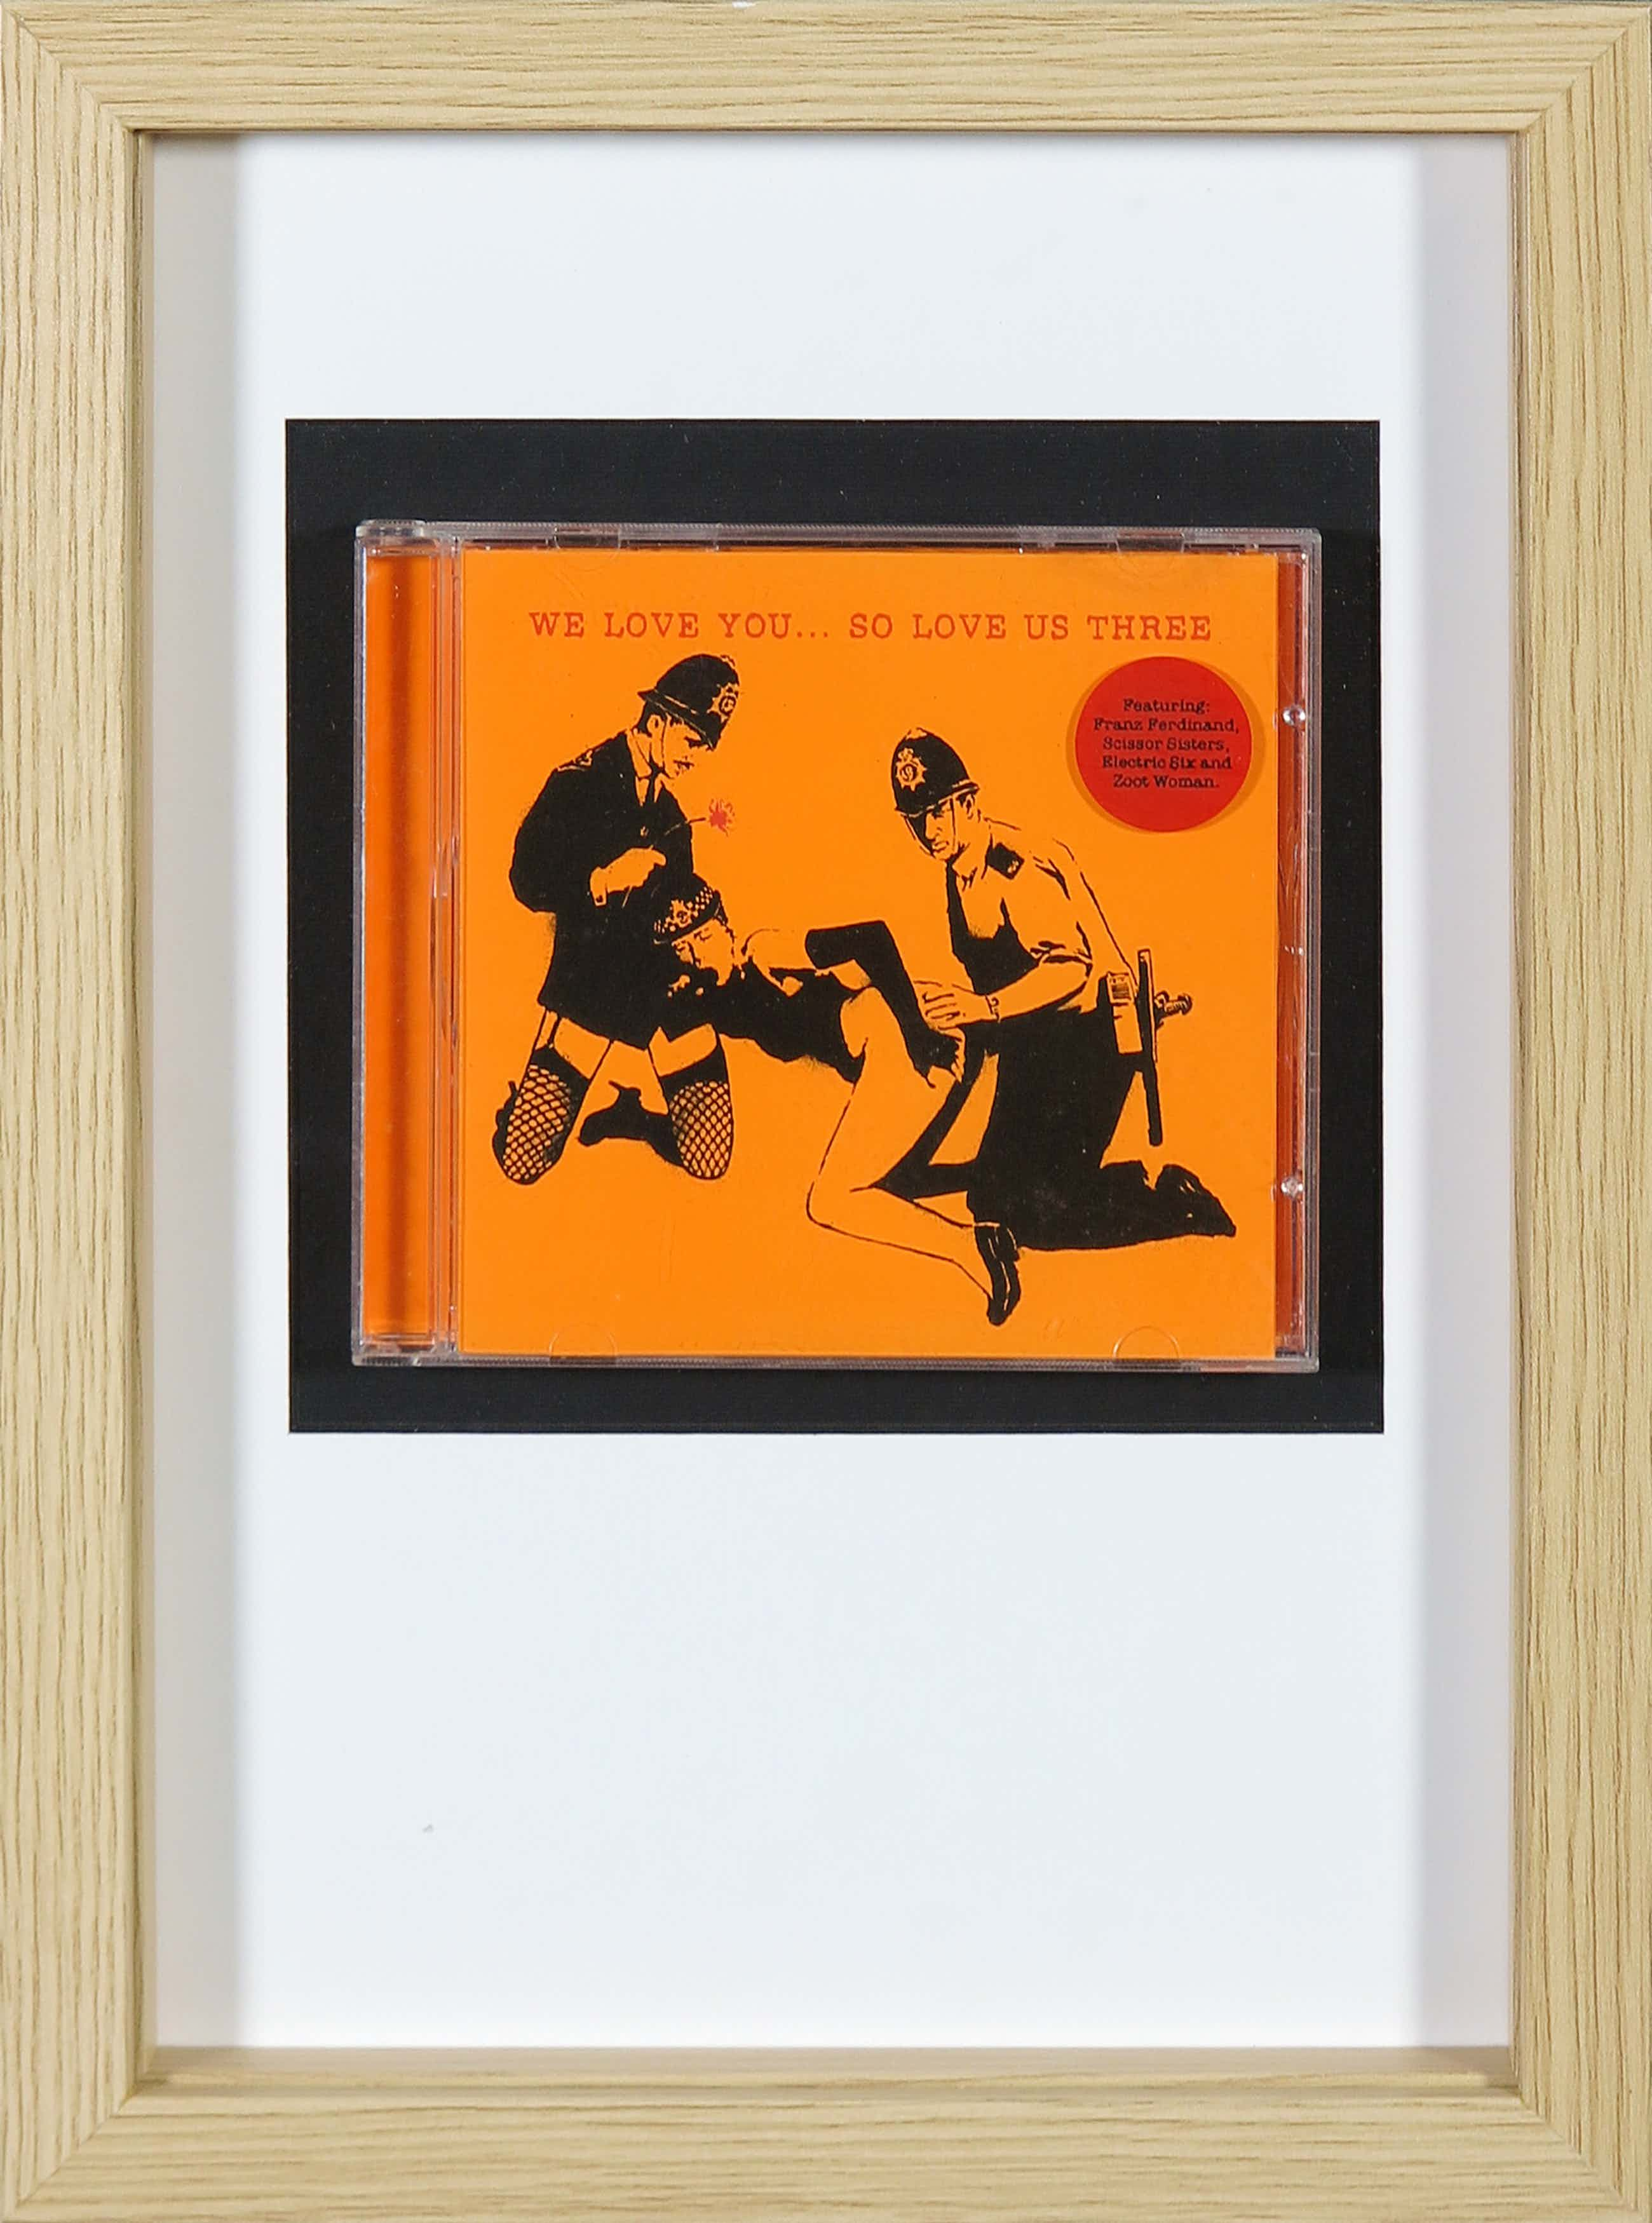 Banksy - We love you... so love us three (CD) kopen? Bied vanaf 52!